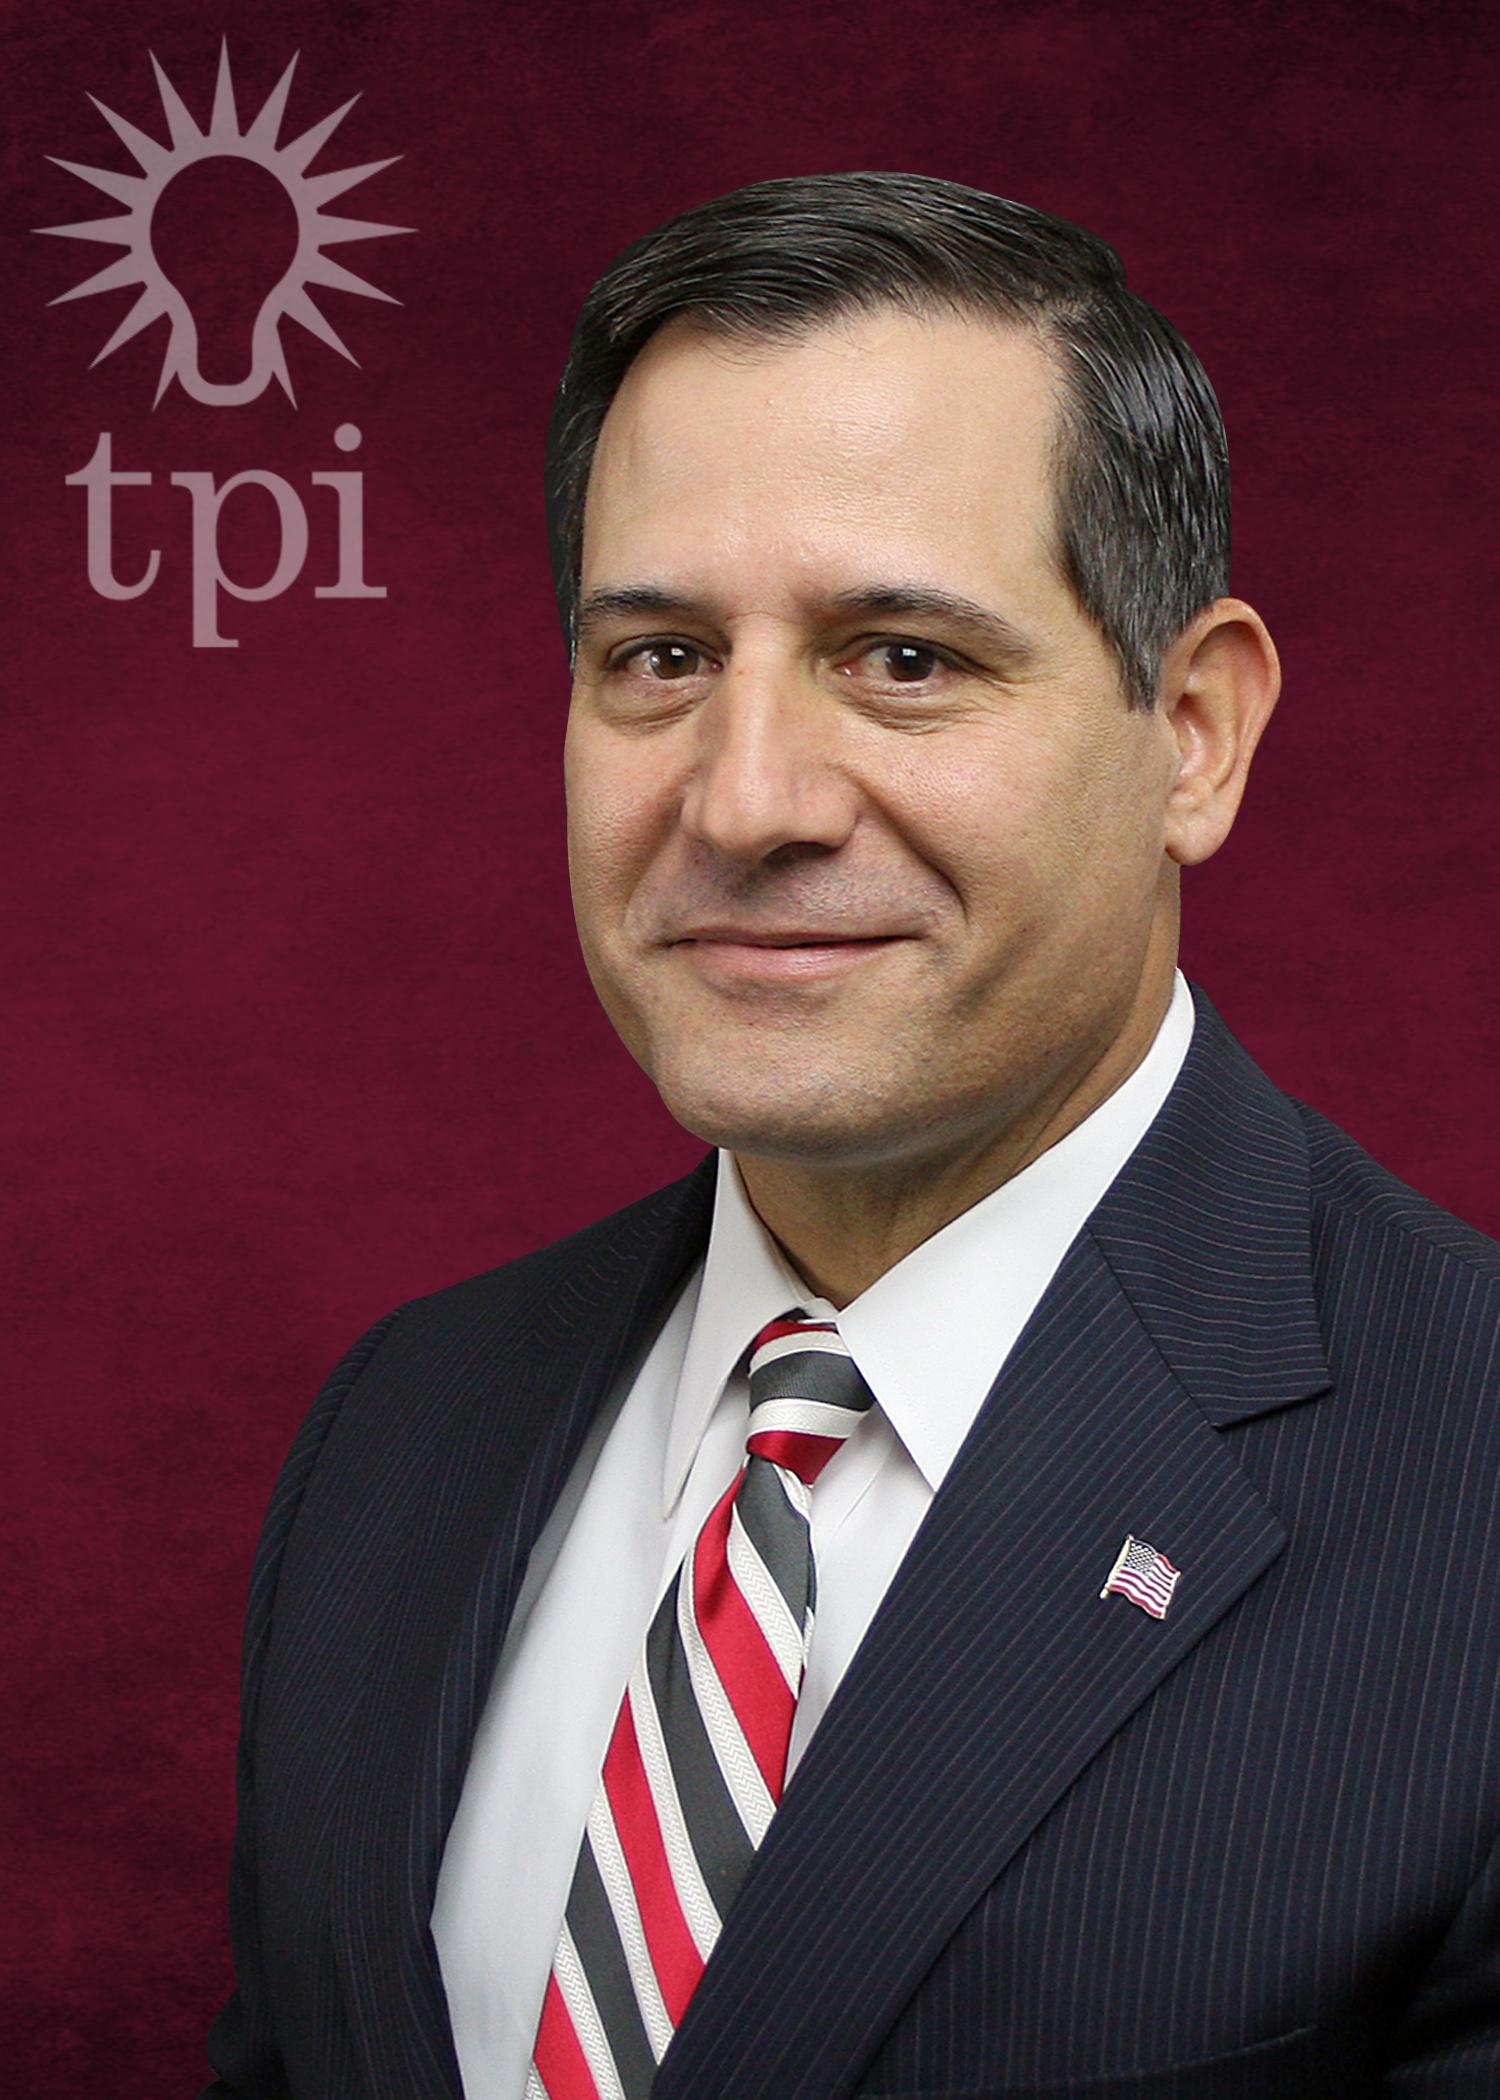 David Barazoto